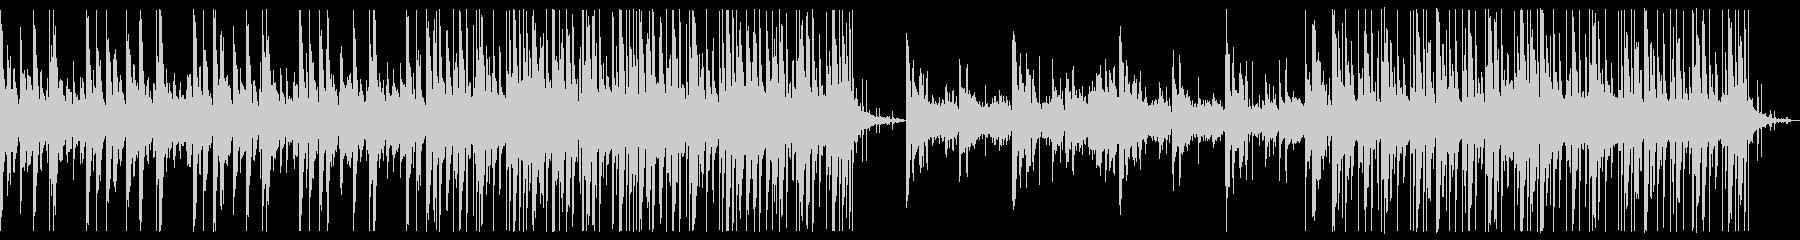 ホラーミステリー的な曲の未再生の波形